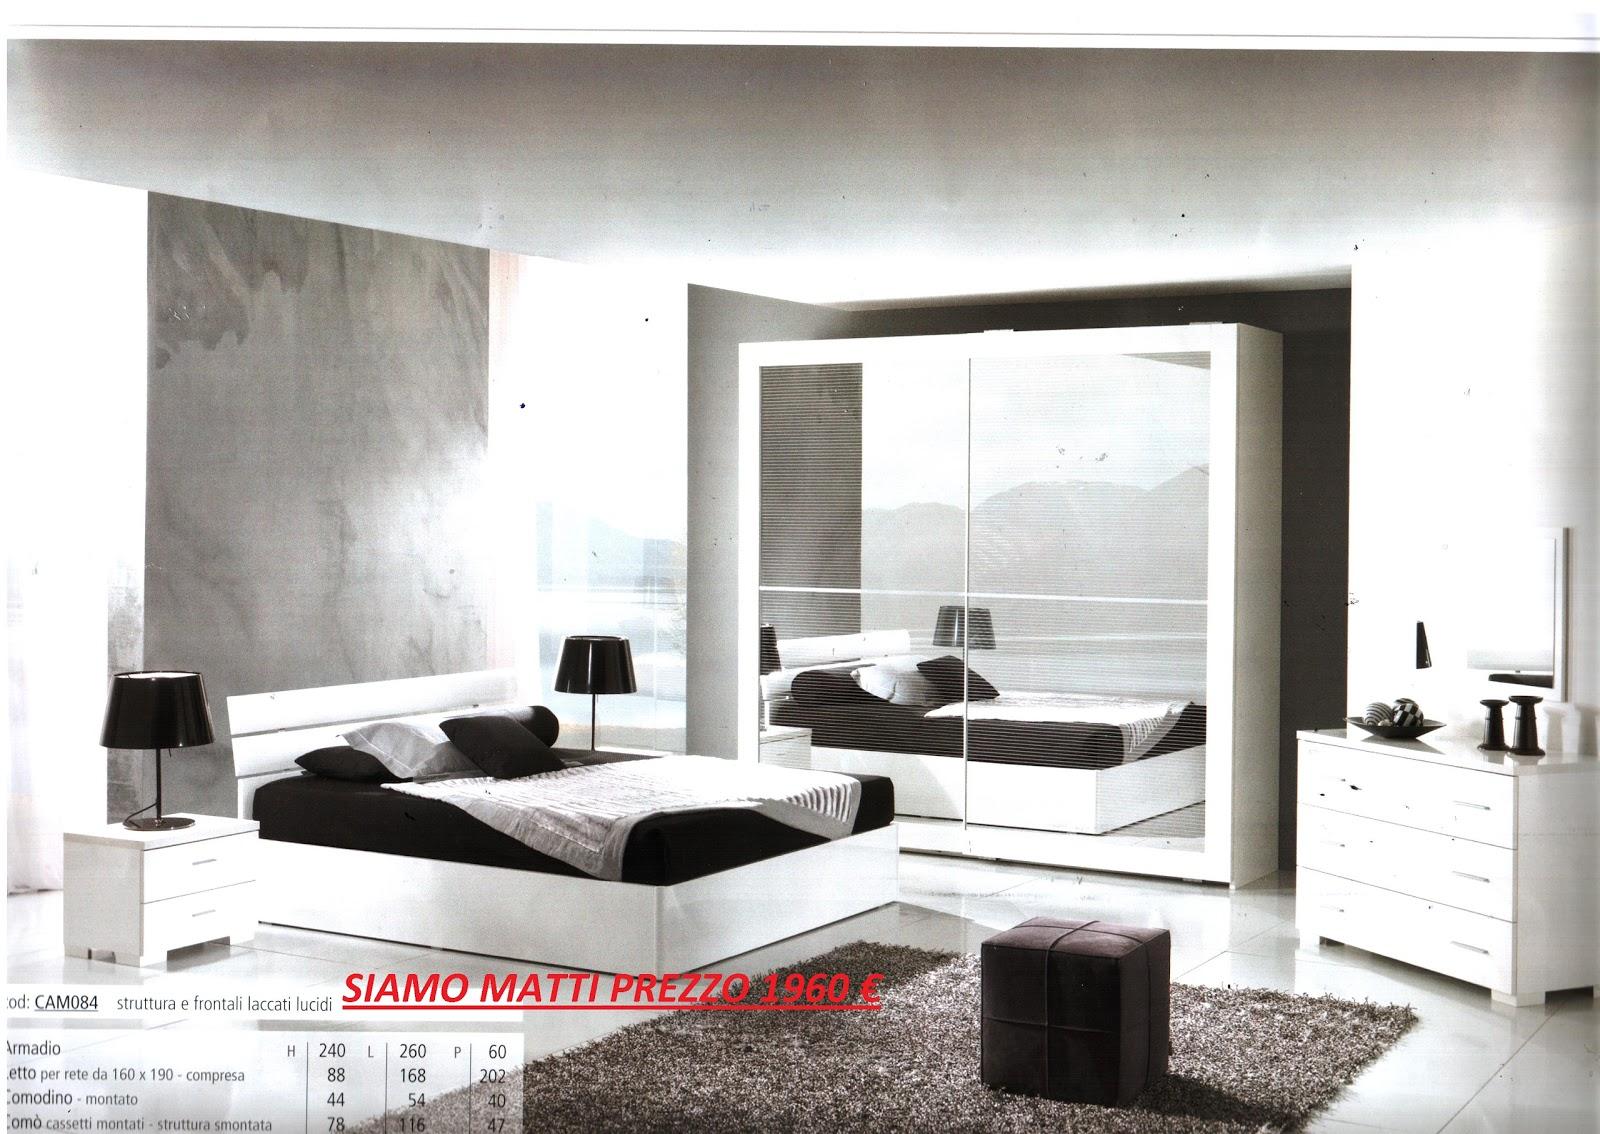 Euro Arredo: Camere da letto Rif.084 e Rif 097